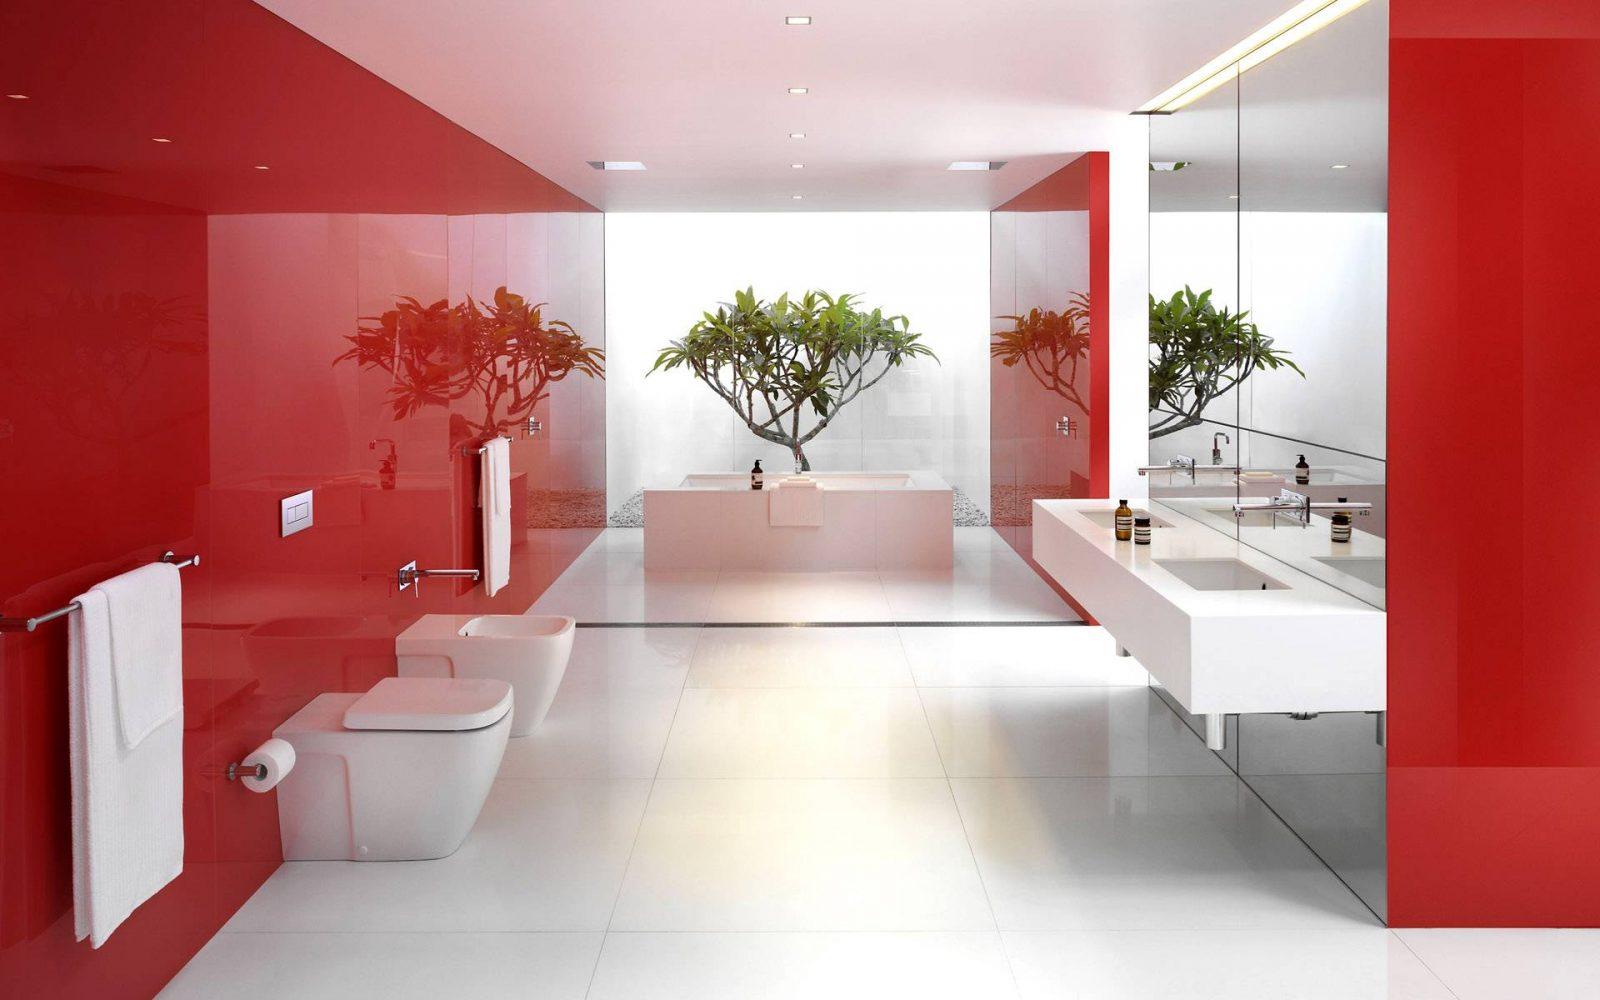 Baño moderno de tonos rojos :: Imágenes y fotos